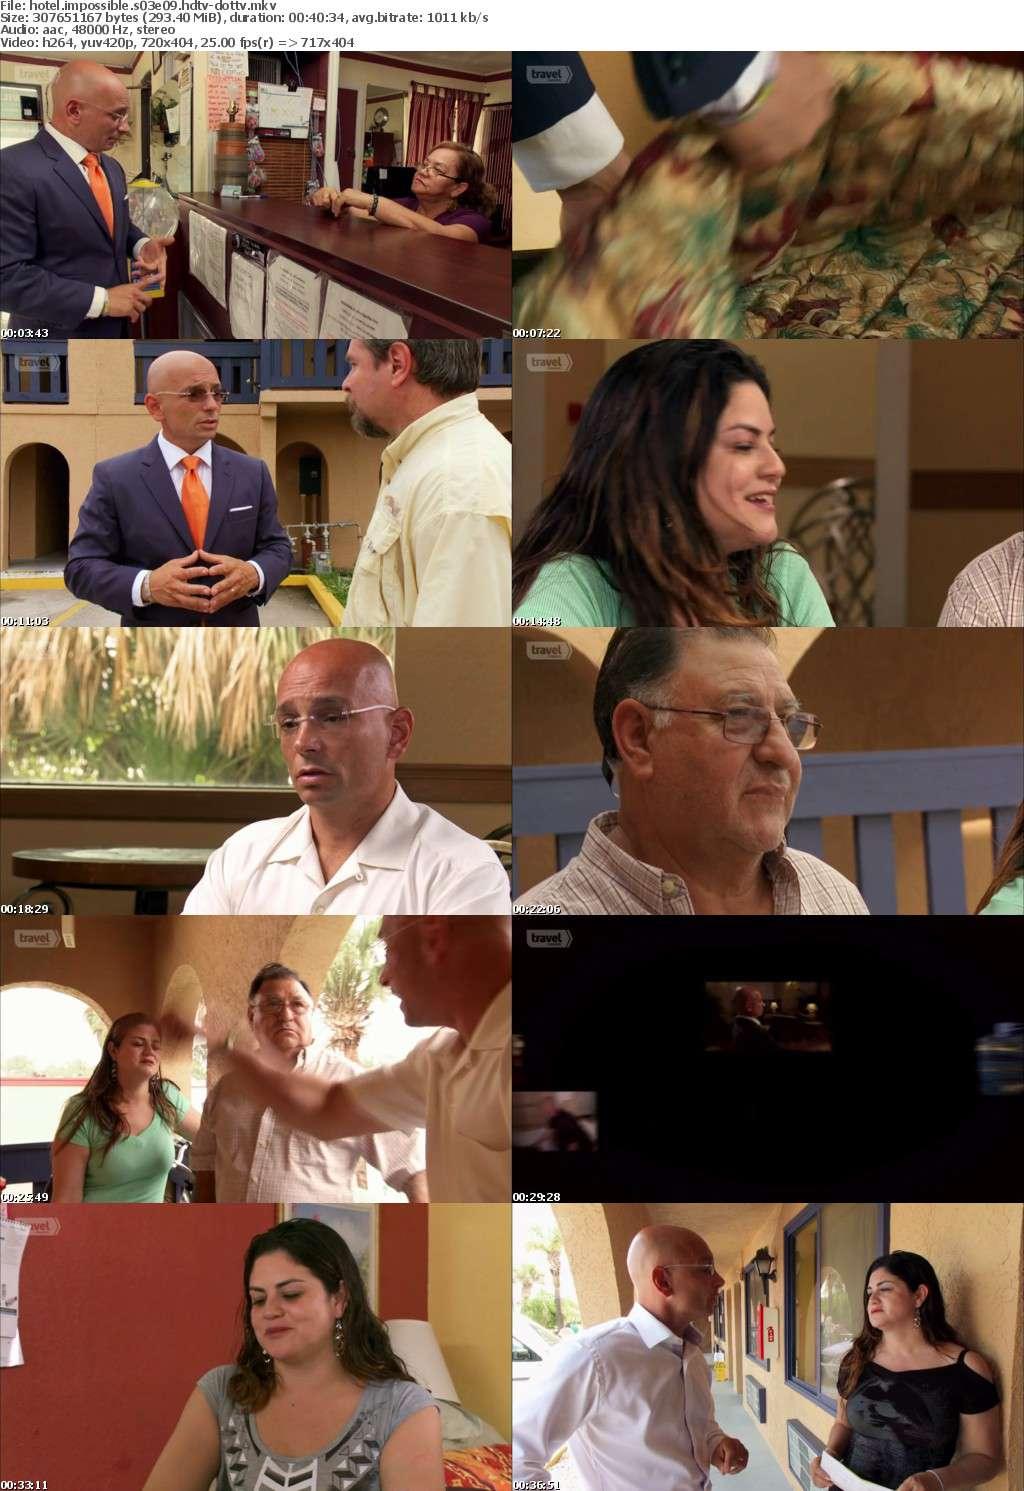 Hotel Impossible S03E09 HDTV x264-dotTV